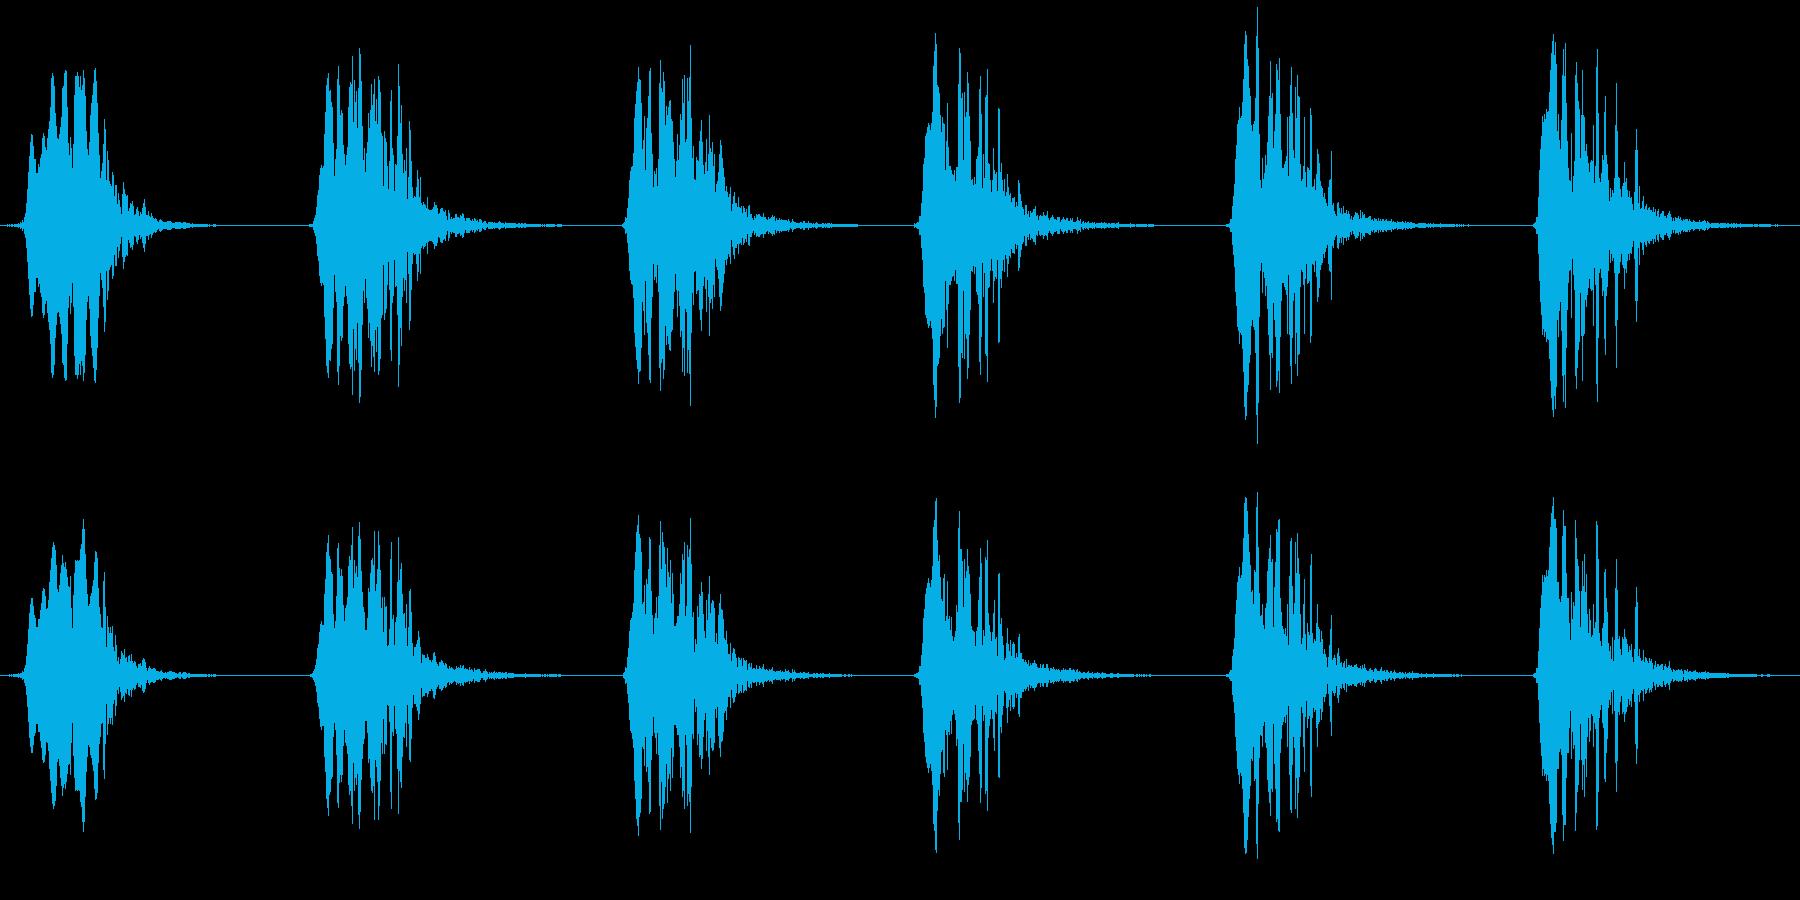 オジロワシの鳴き声の再生済みの波形